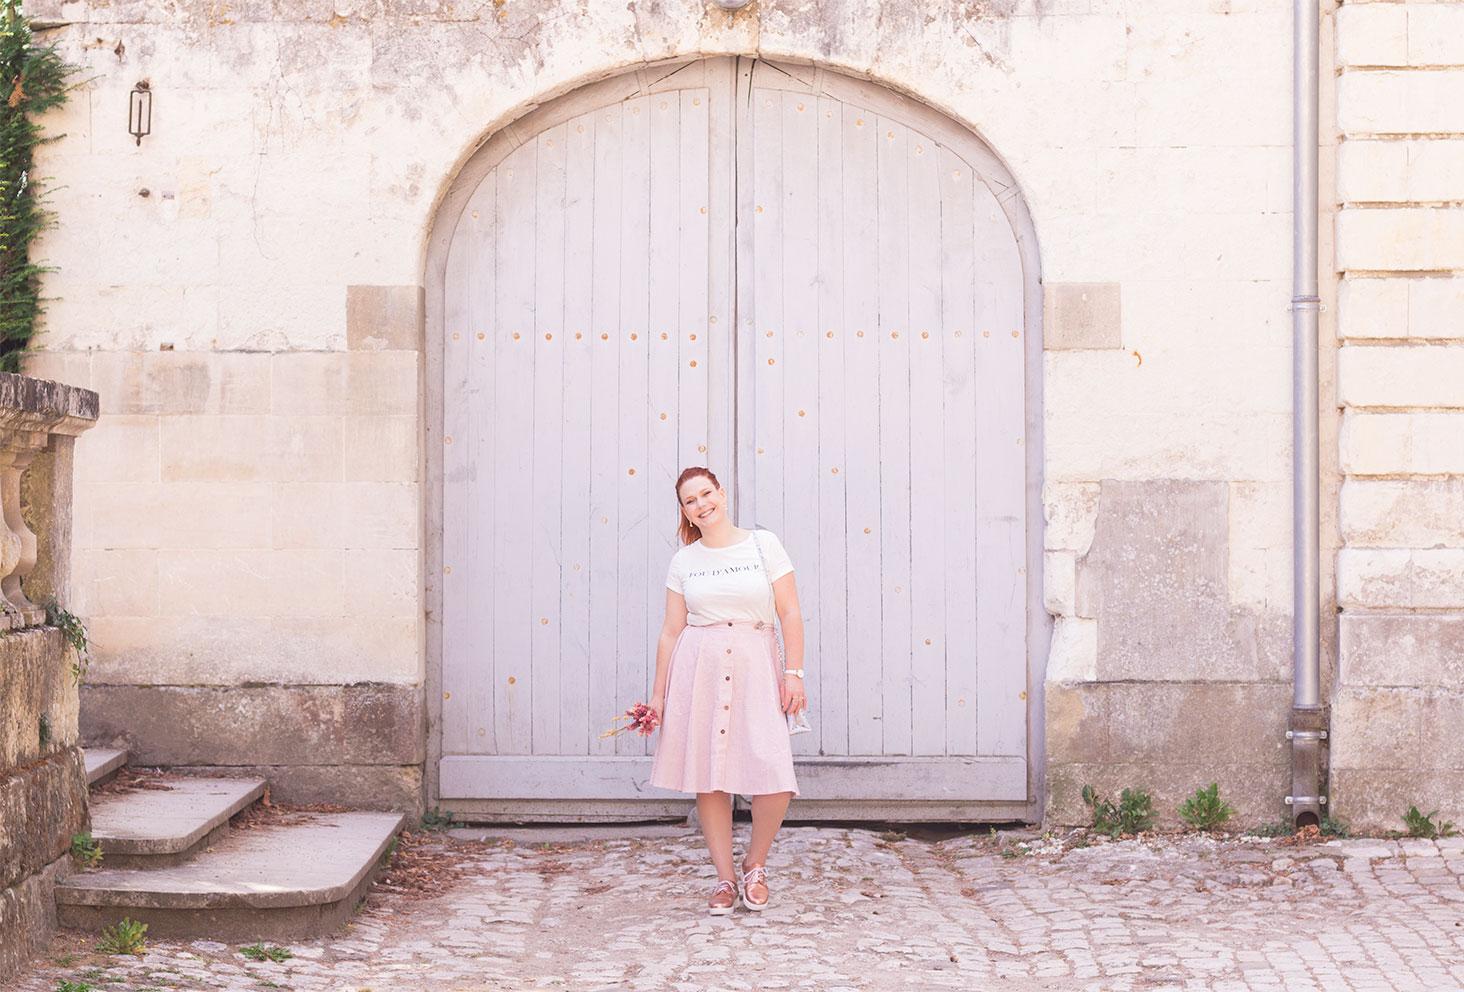 En jupe midi rose, t-shirt à inscriptions et derbies dorées, devant une grande porte en bois grise